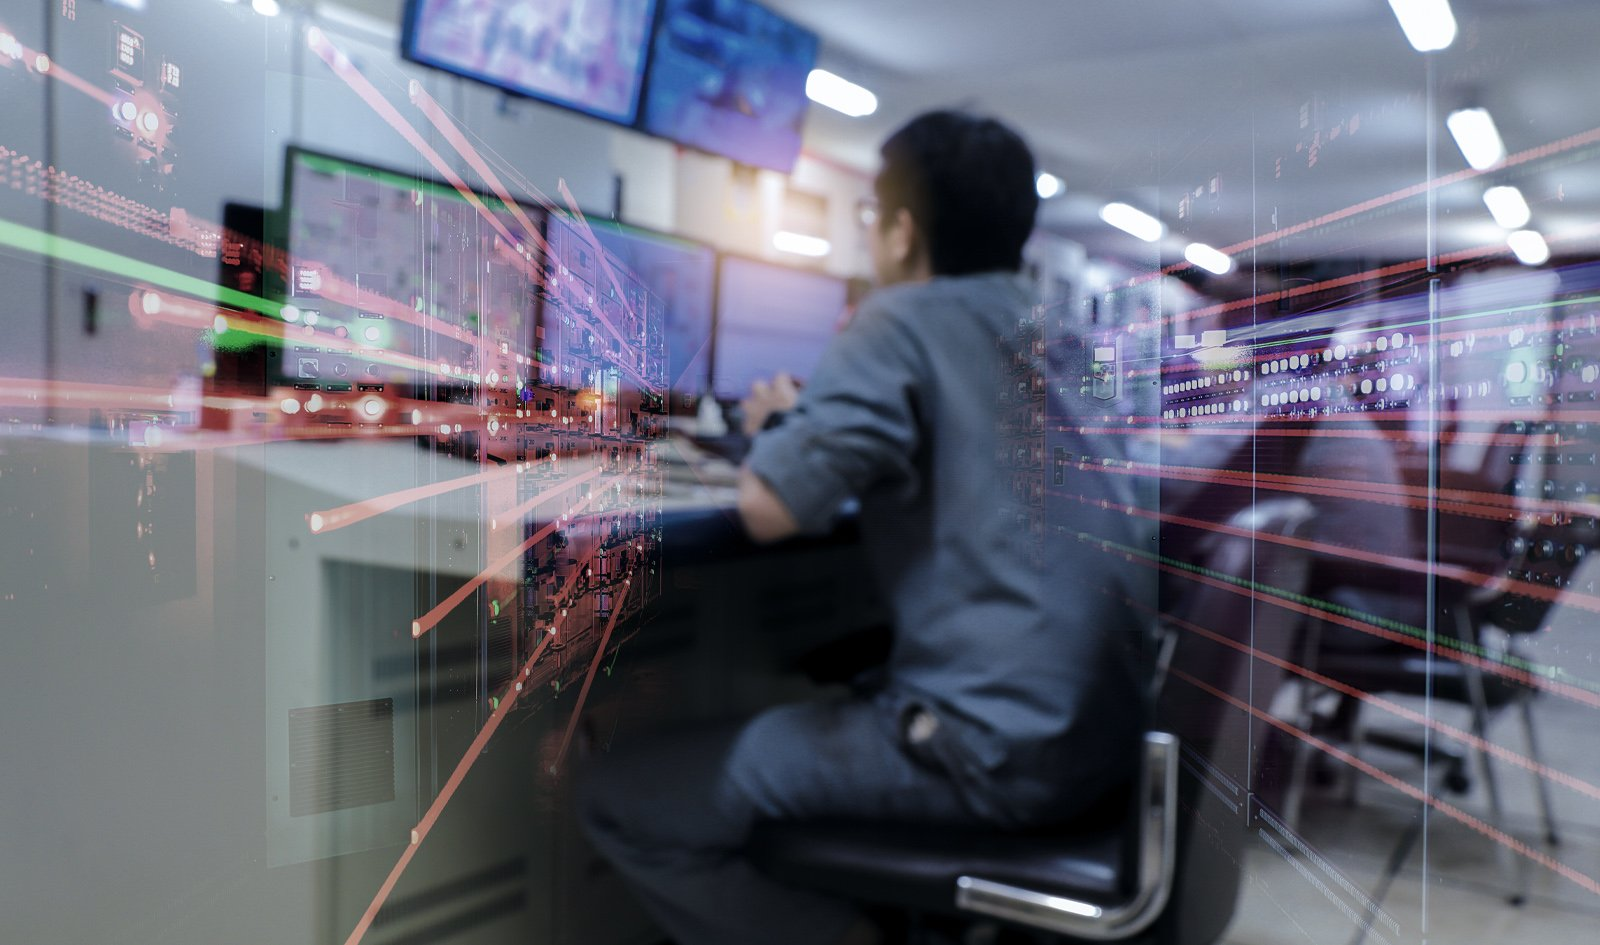 Dados de IoT criptografados